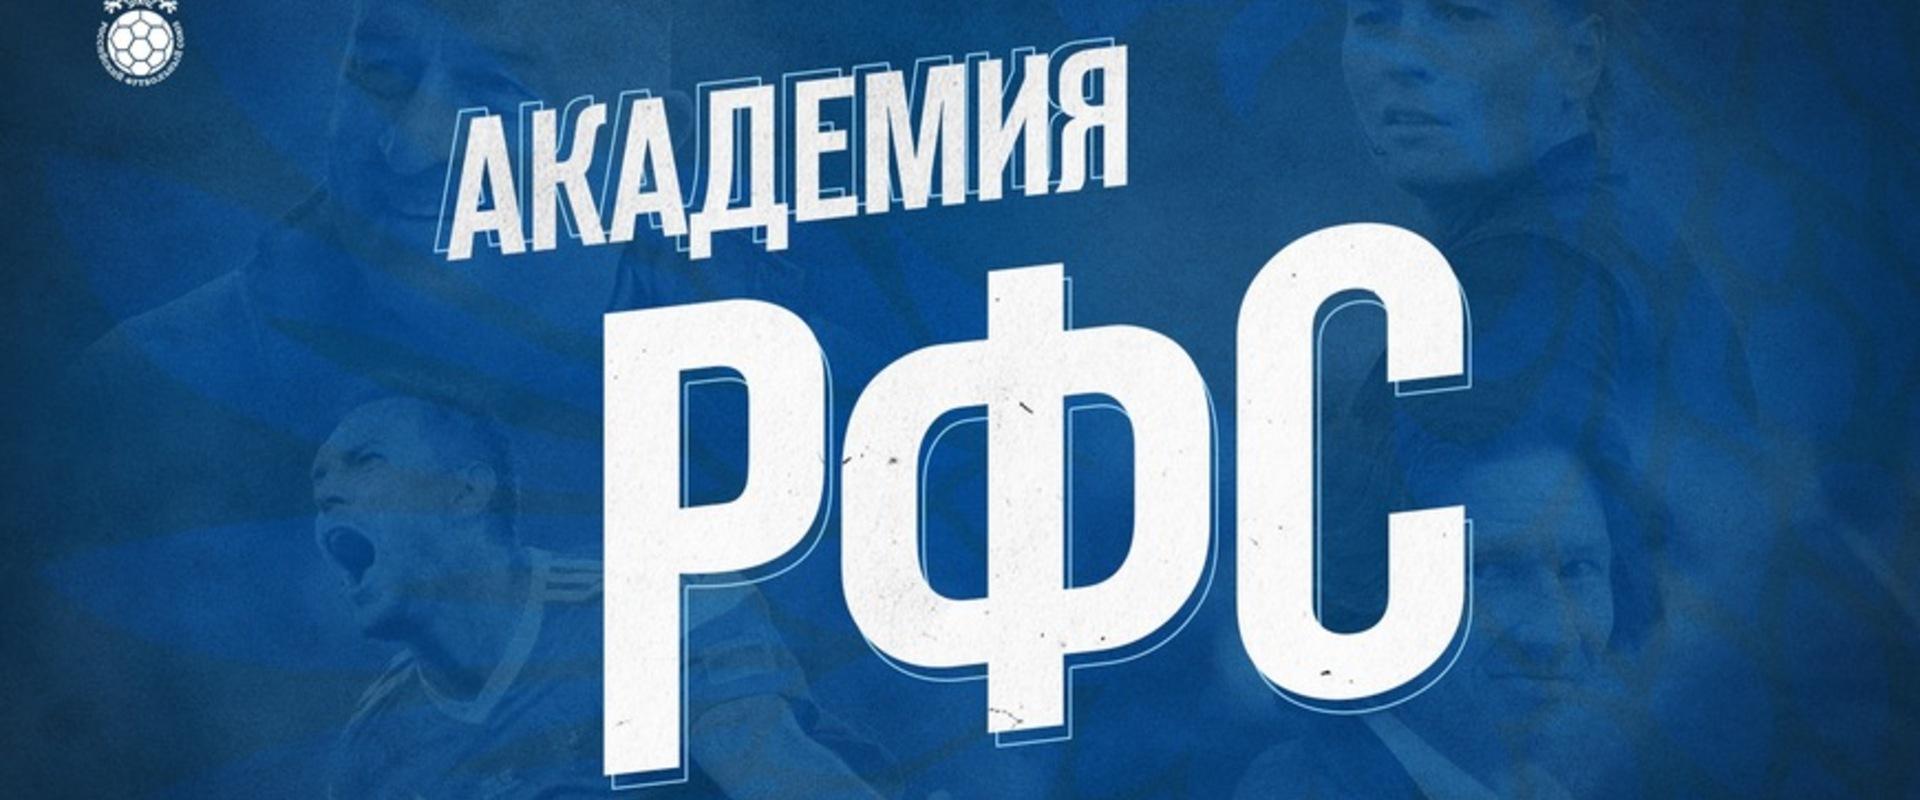 Академия РФС и УЕФА реализовали уникальный курс для тренеров РПЛ